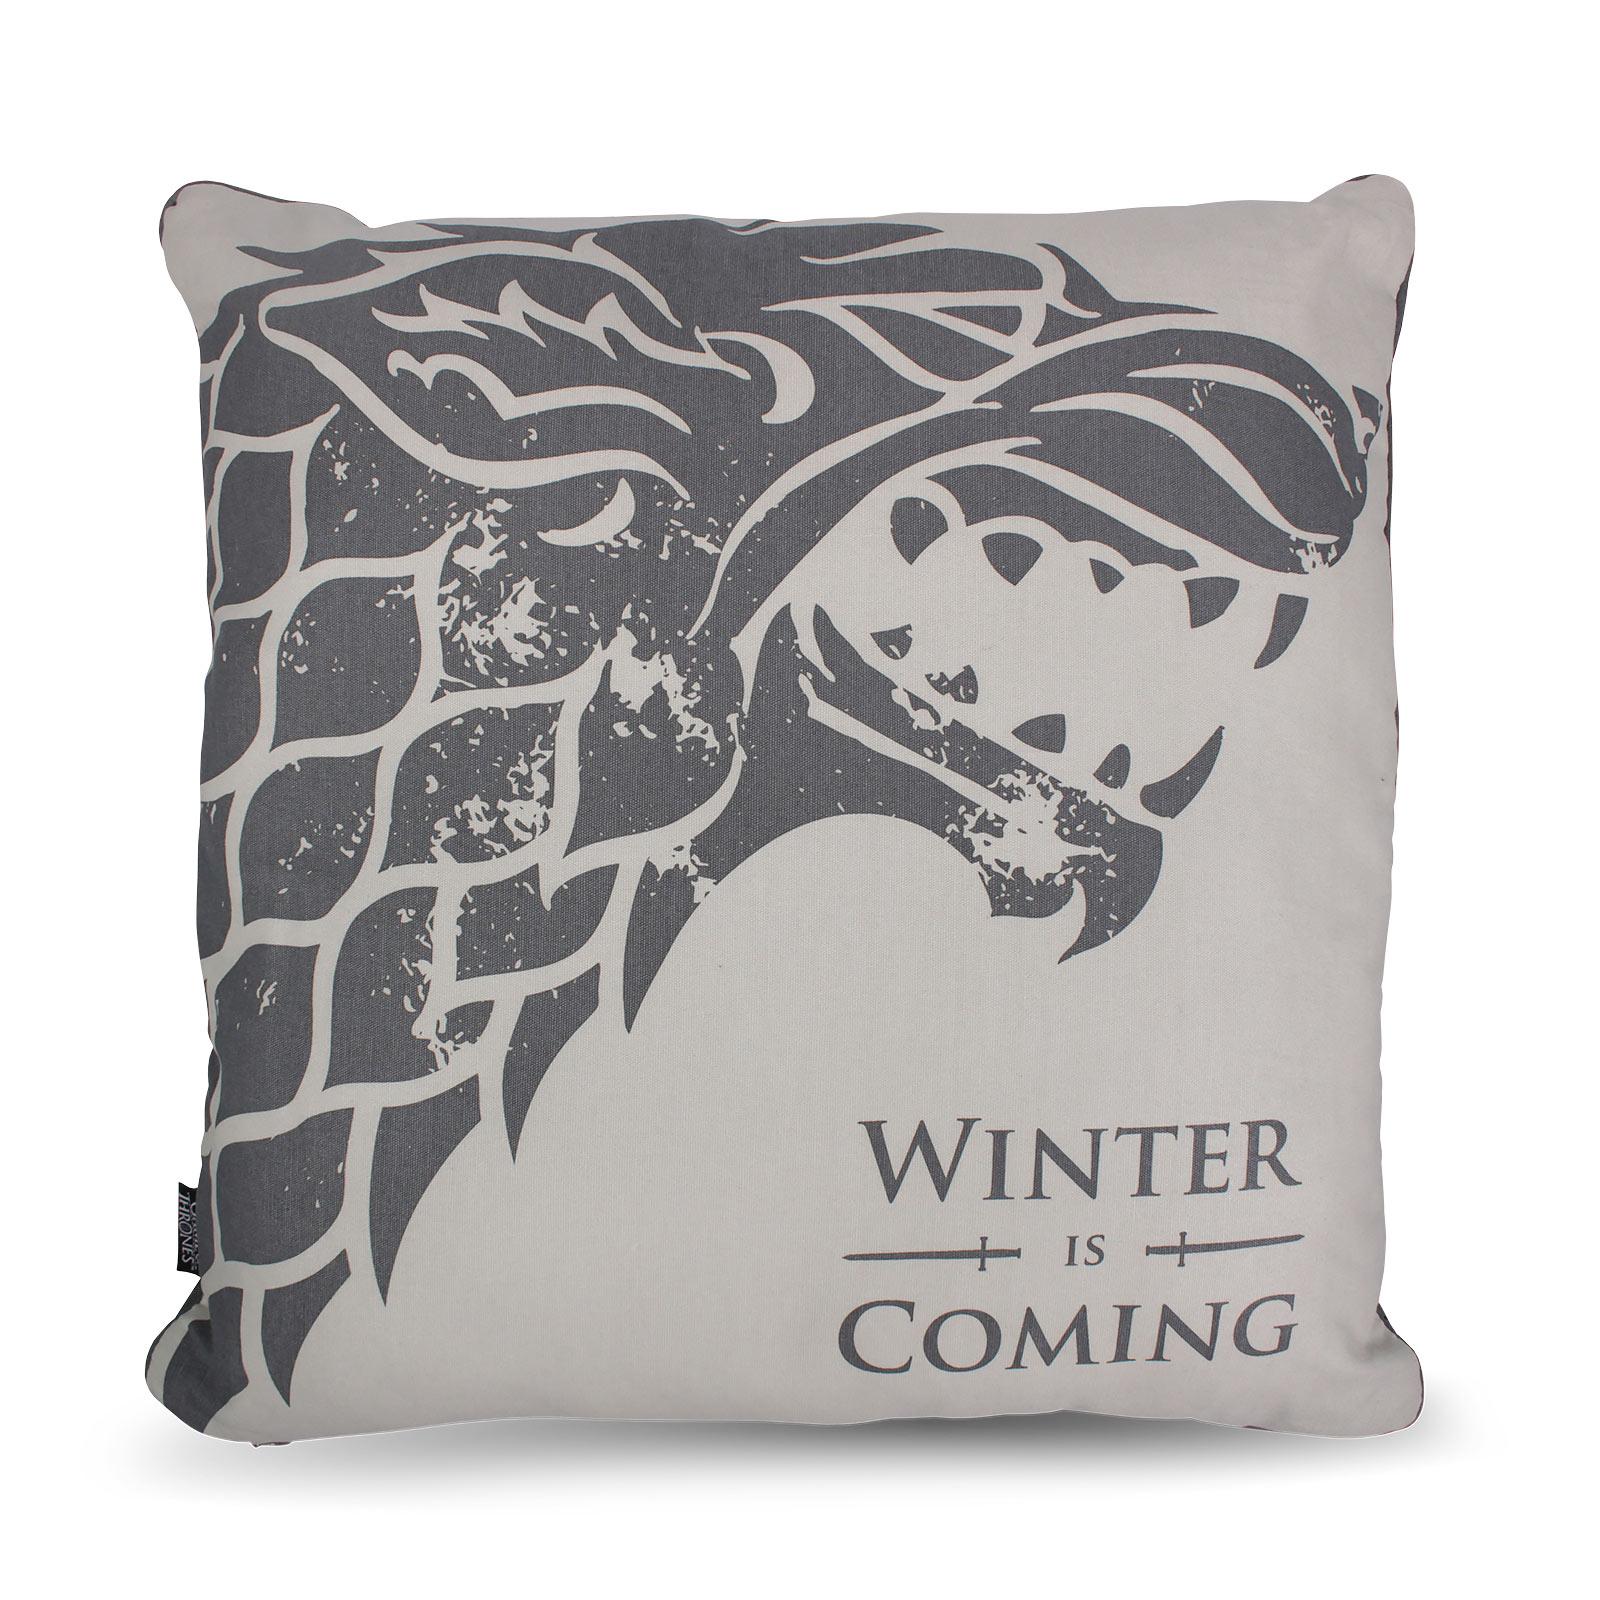 Game of Thrones - Stark Winter is Coming Kissen